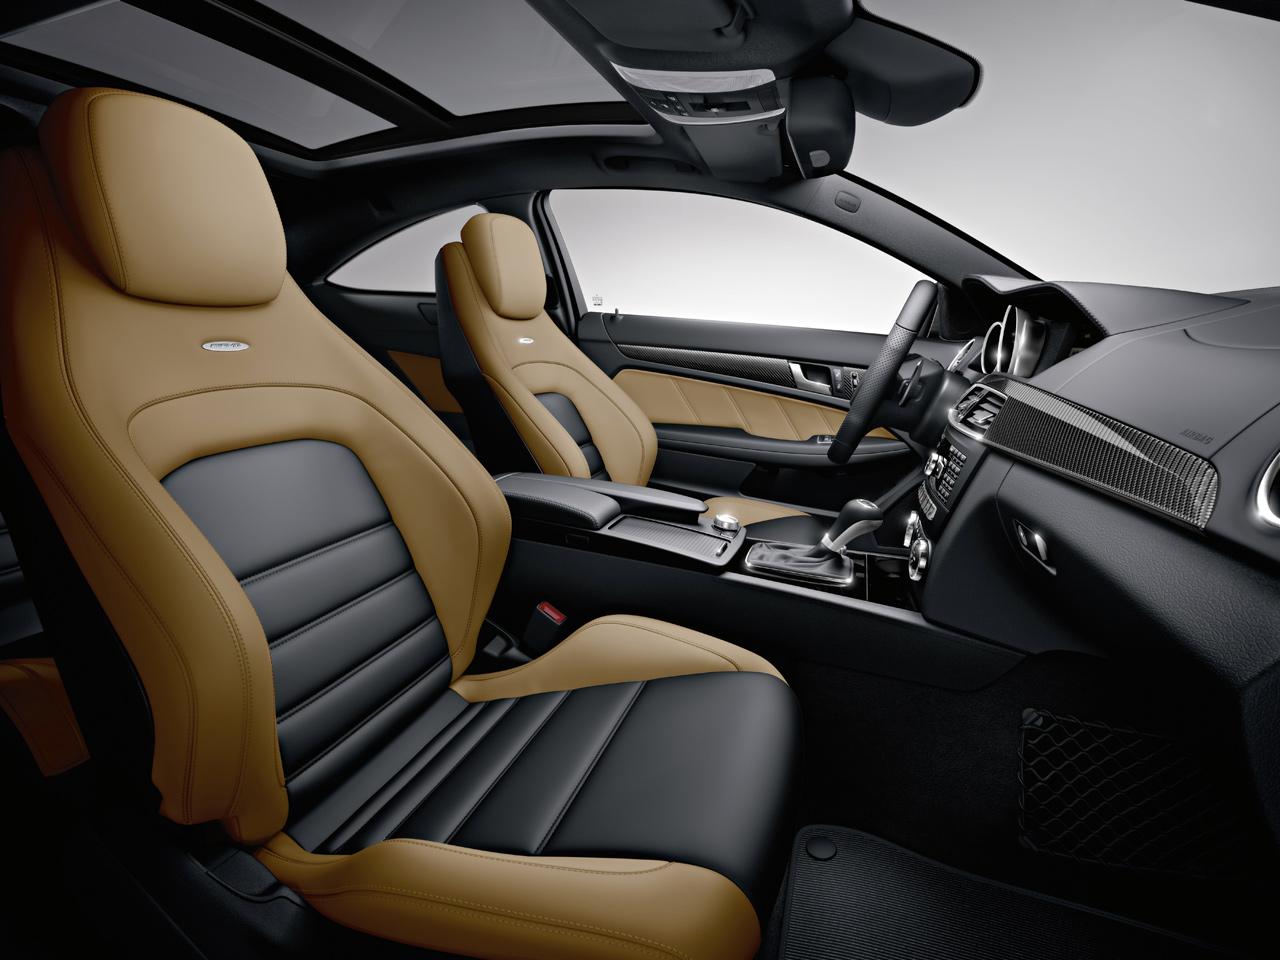 Amg версия нового купе mercedes c класса